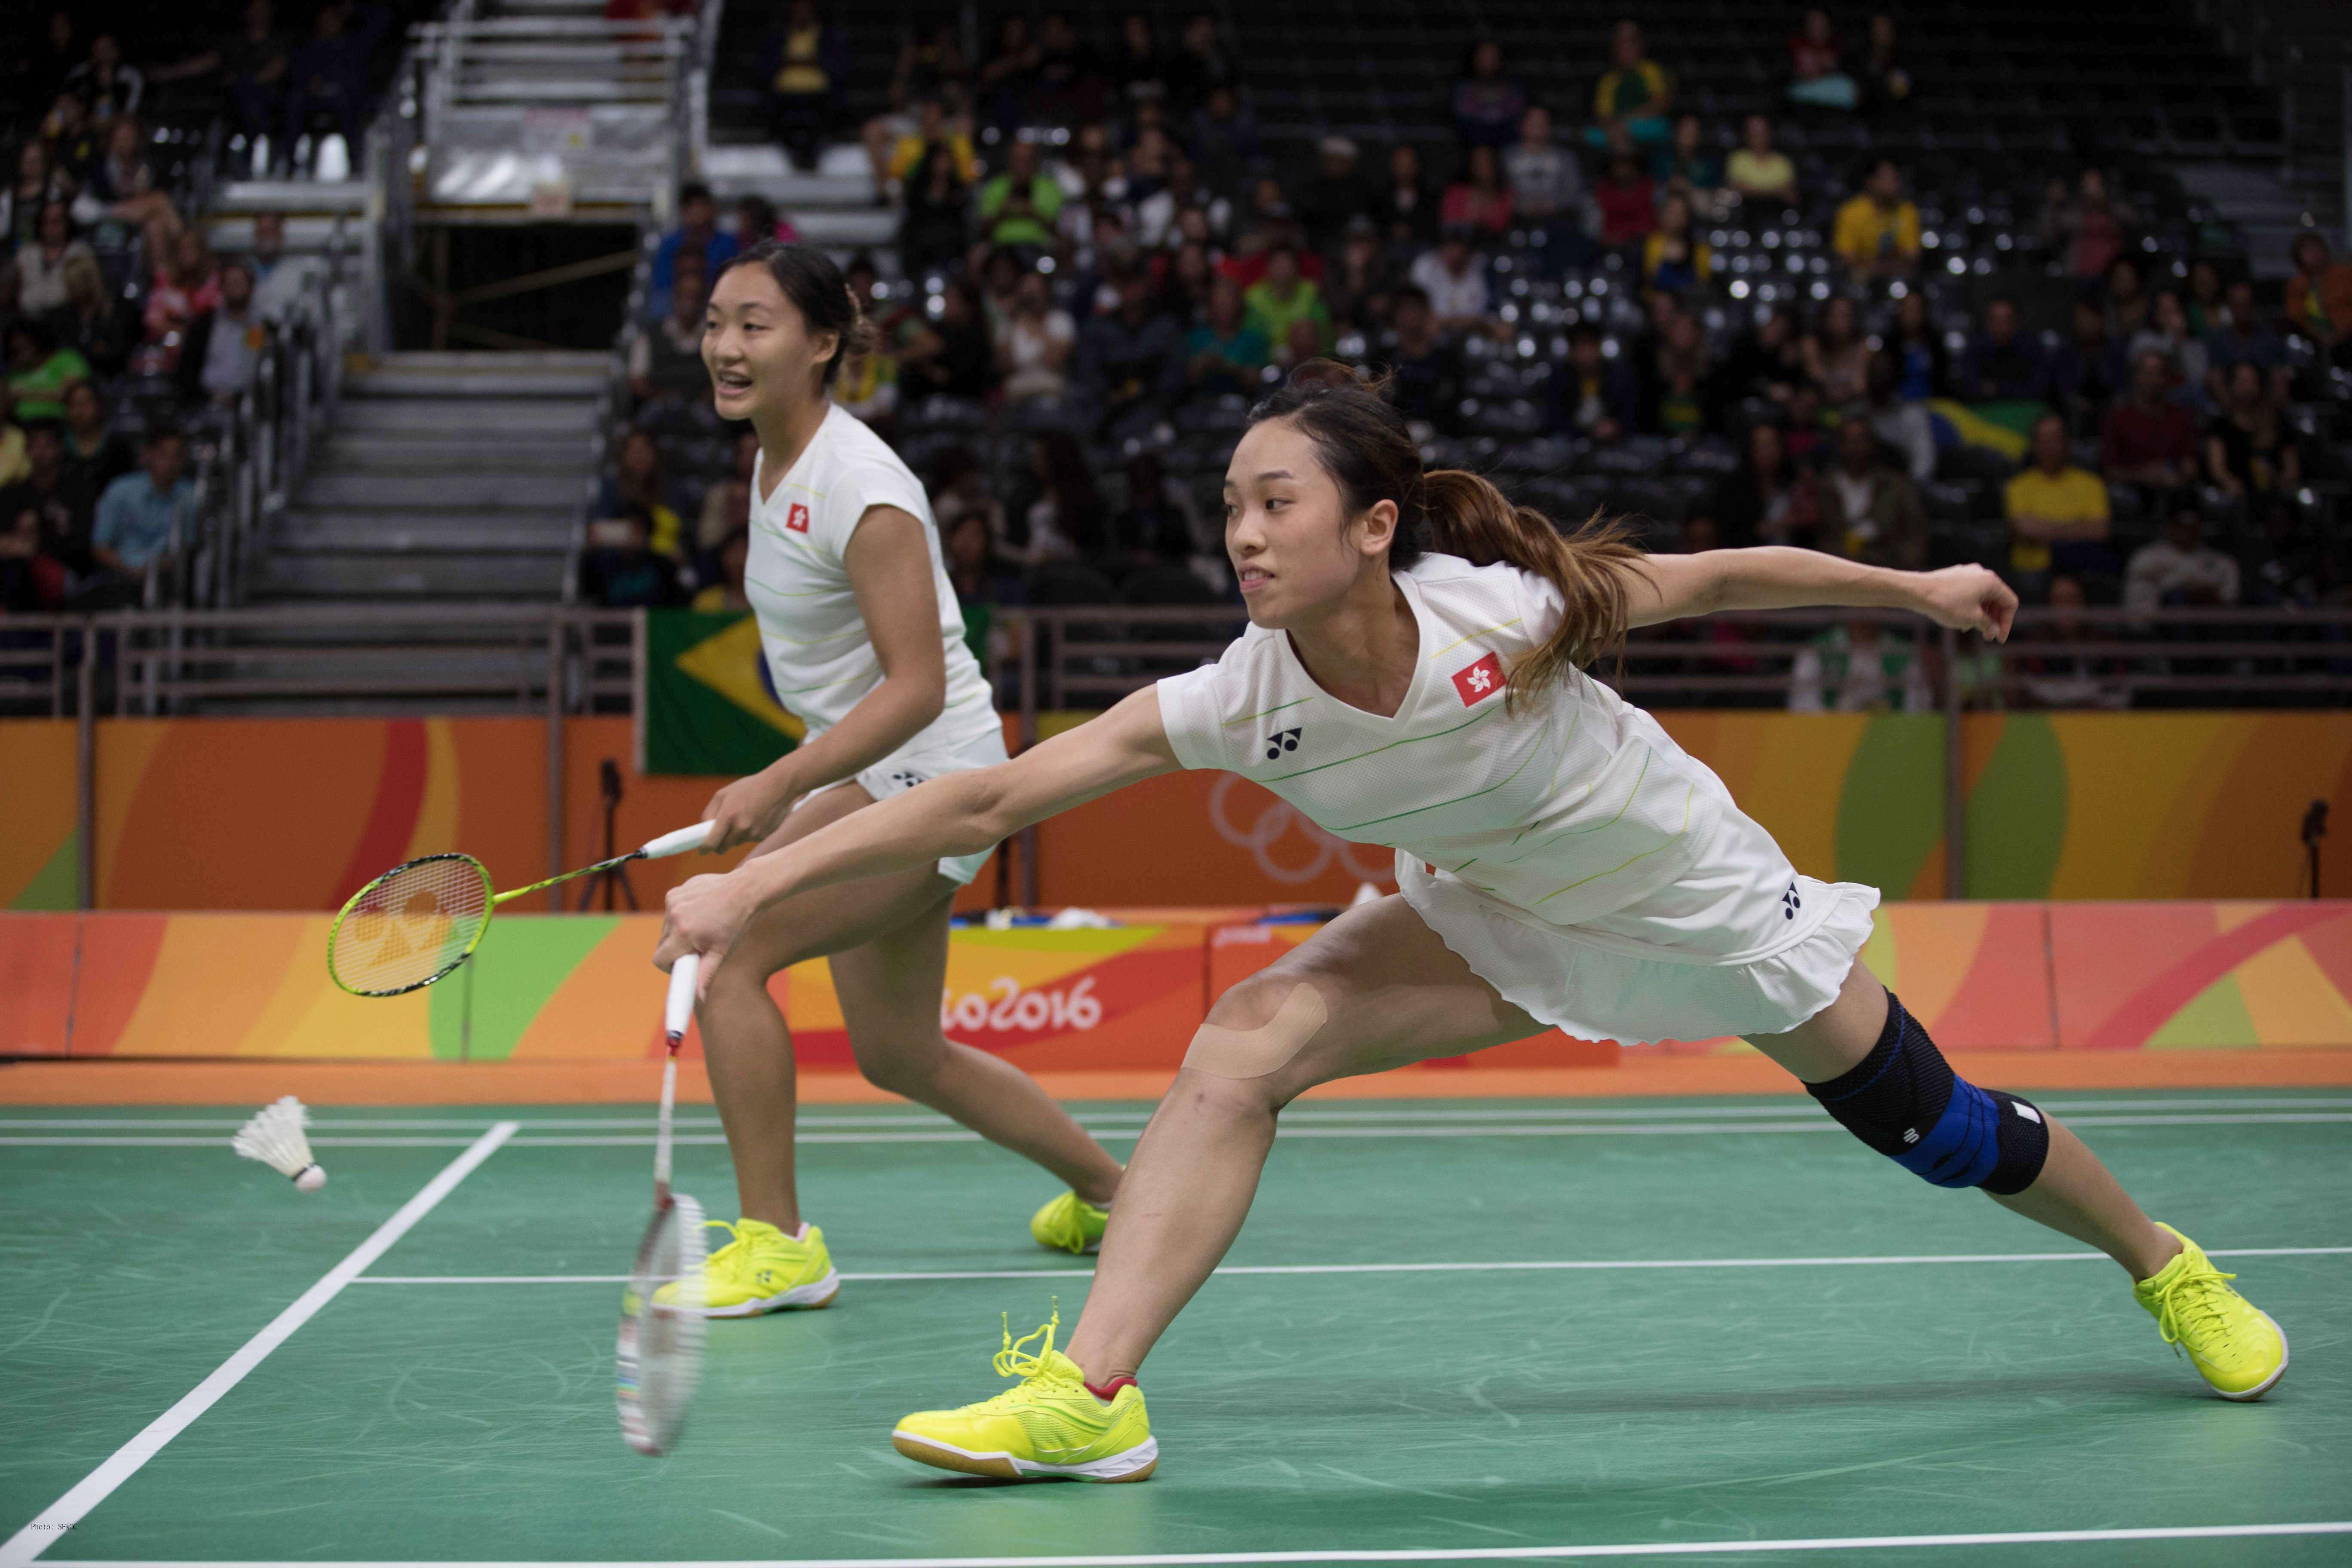 New Hong Kong mixed doubles pair Tang Chun man and Tse Ying suet